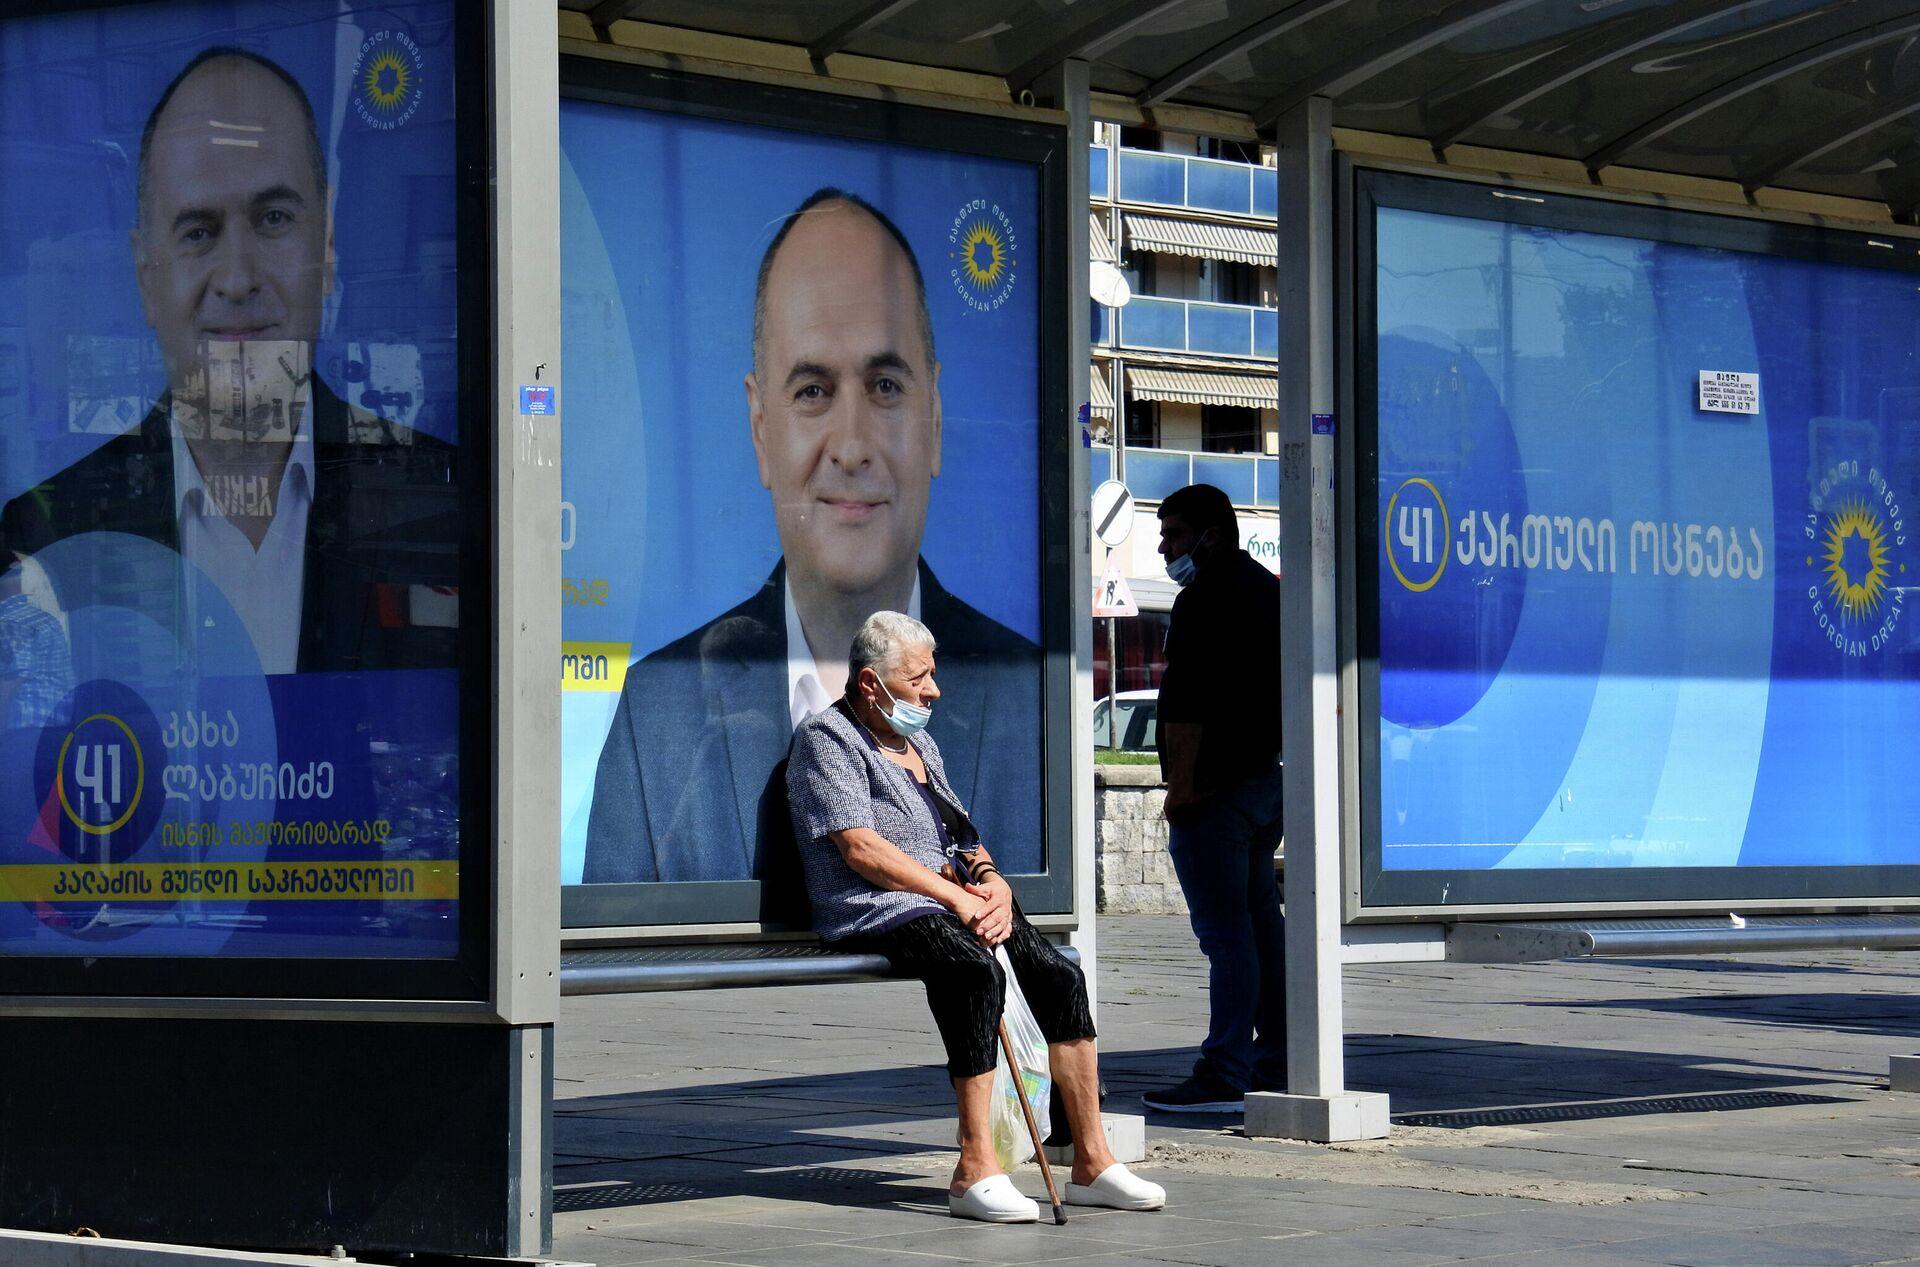 Предвыборная символика. Баннер правящей партии Грузинская мечта. Автобусная остановка - Sputnik Грузия, 1920, 27.09.2021